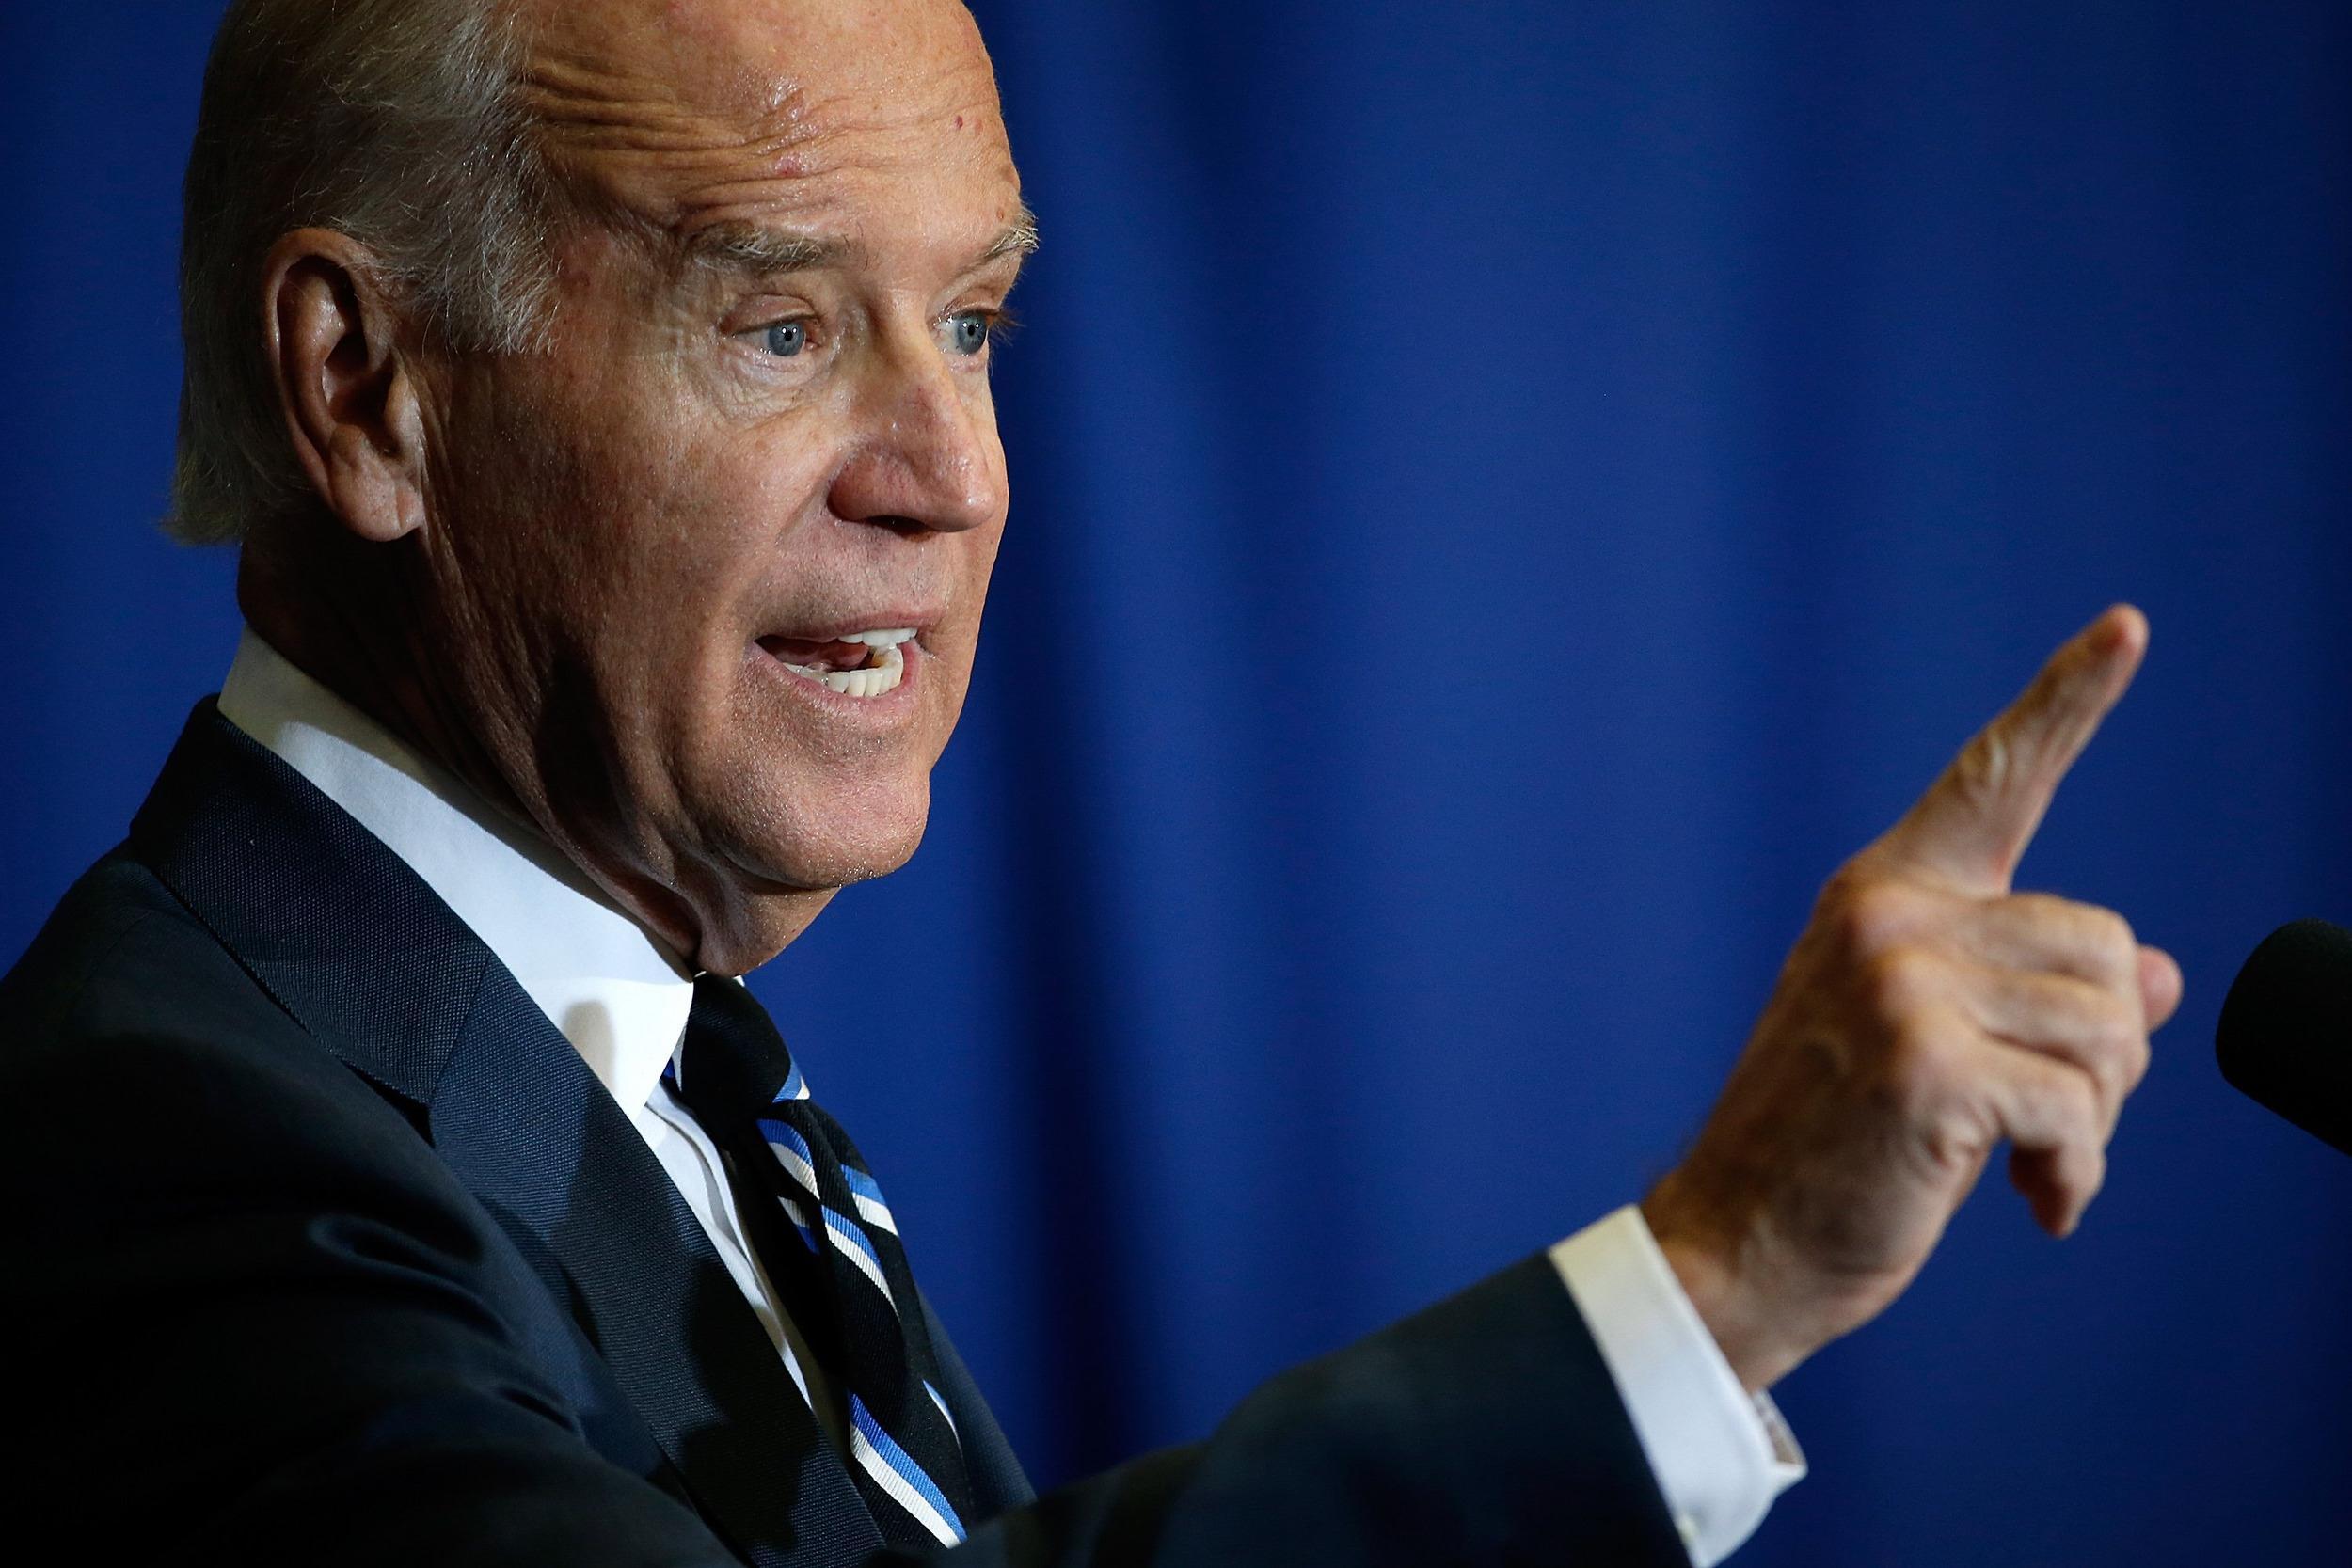 Image: Biden Discusses Budget And Economy At George Washington University